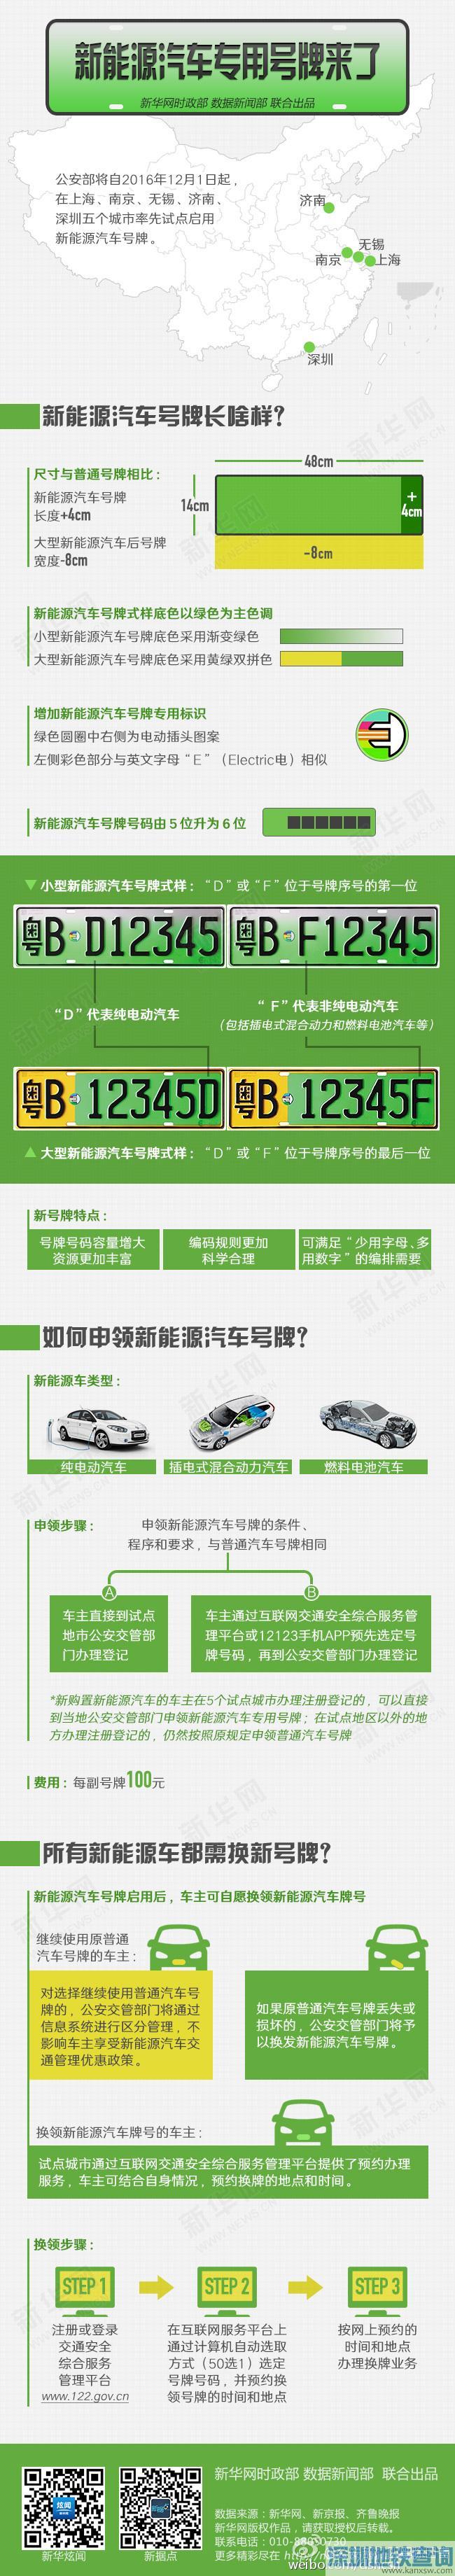 2016新能源汽车专用号牌启用时间、5试点城市名单及如何申领(图解)